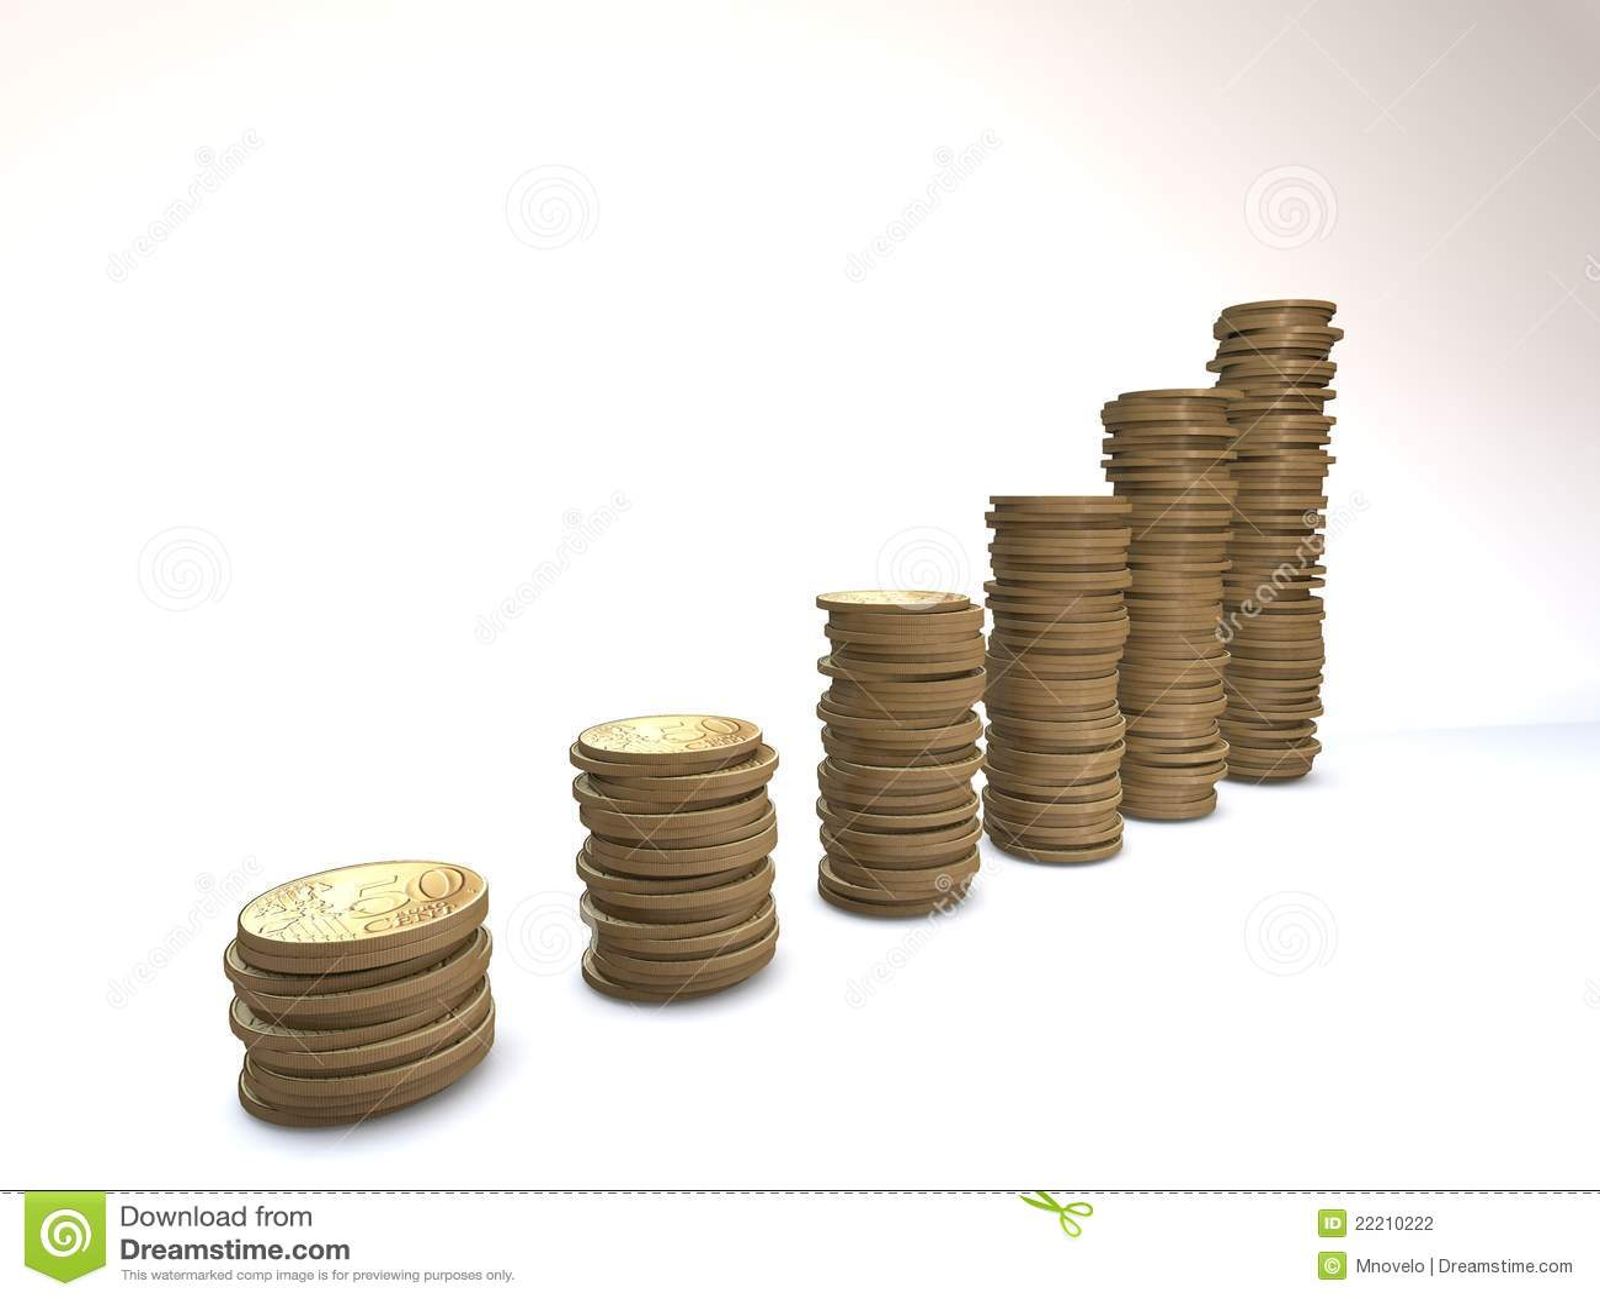 euro coin chart